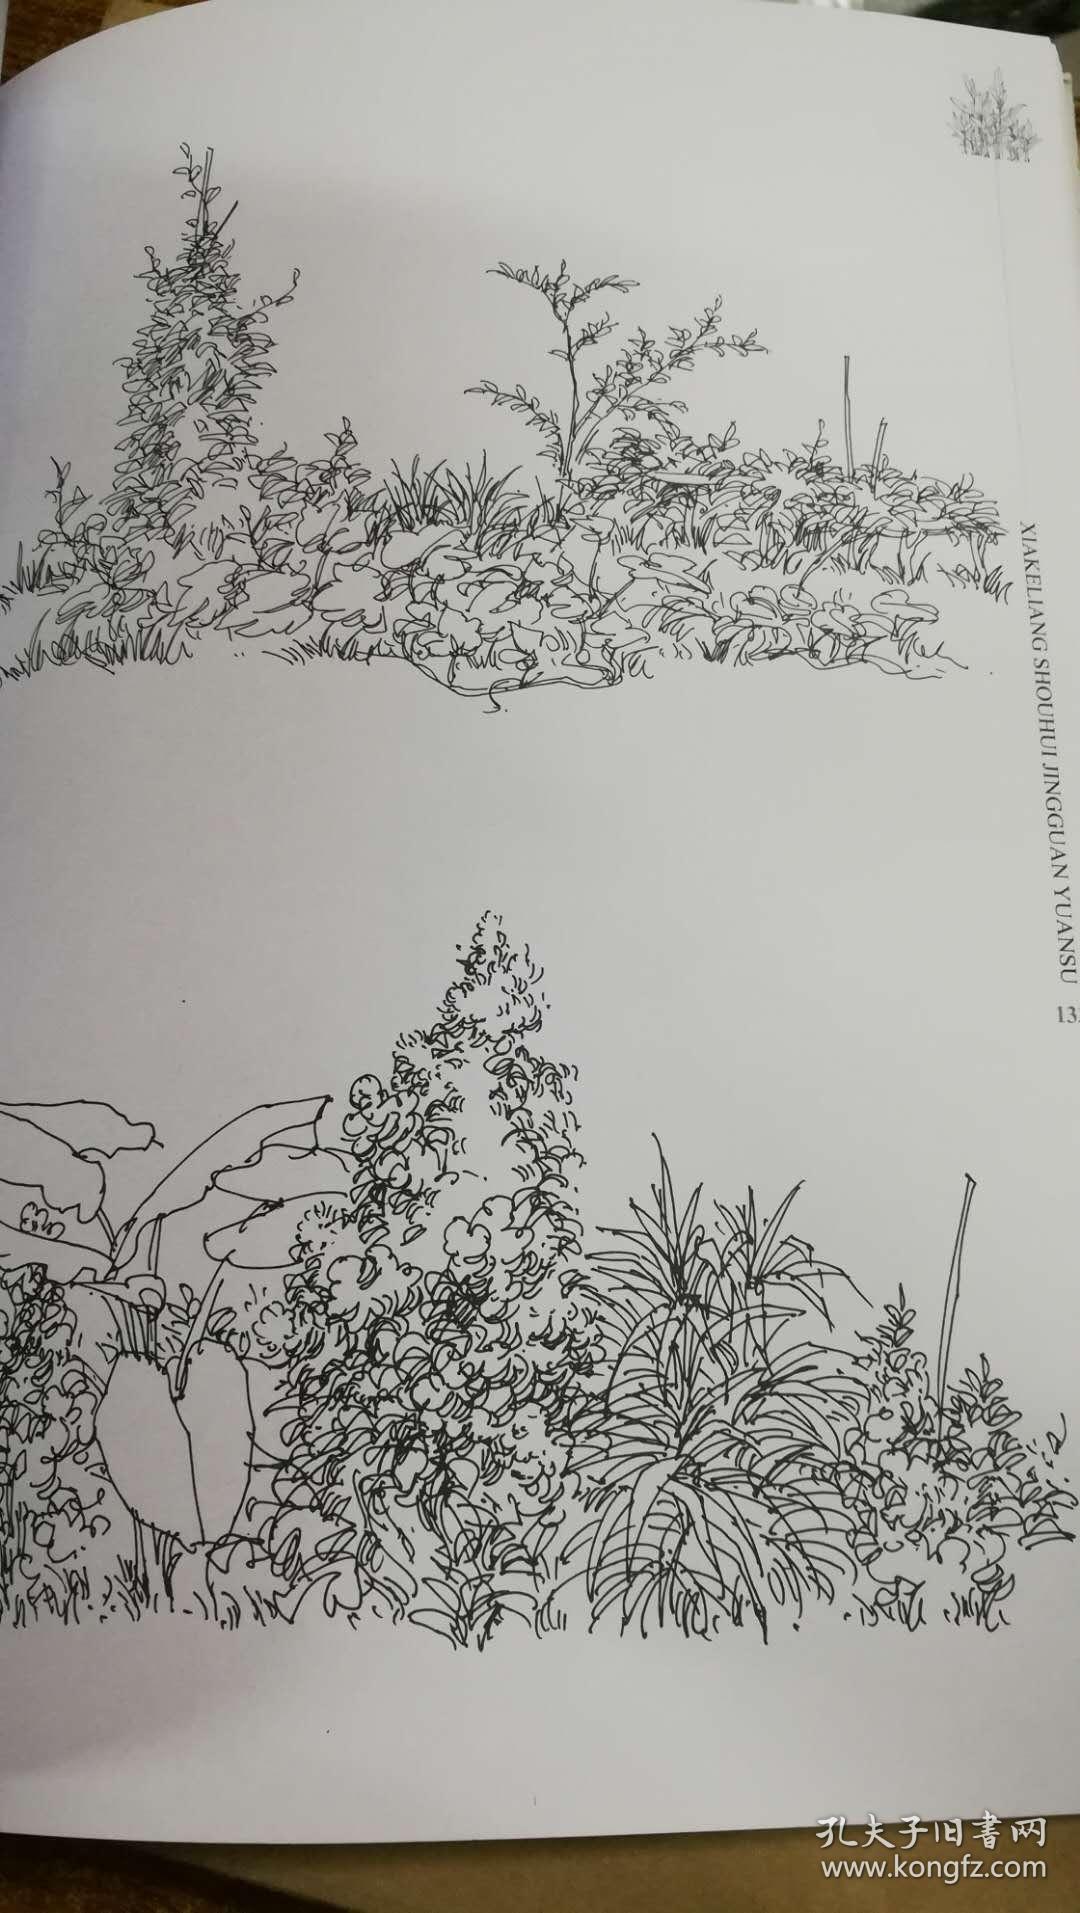 夏克梁手绘景观元素植物篇(上))